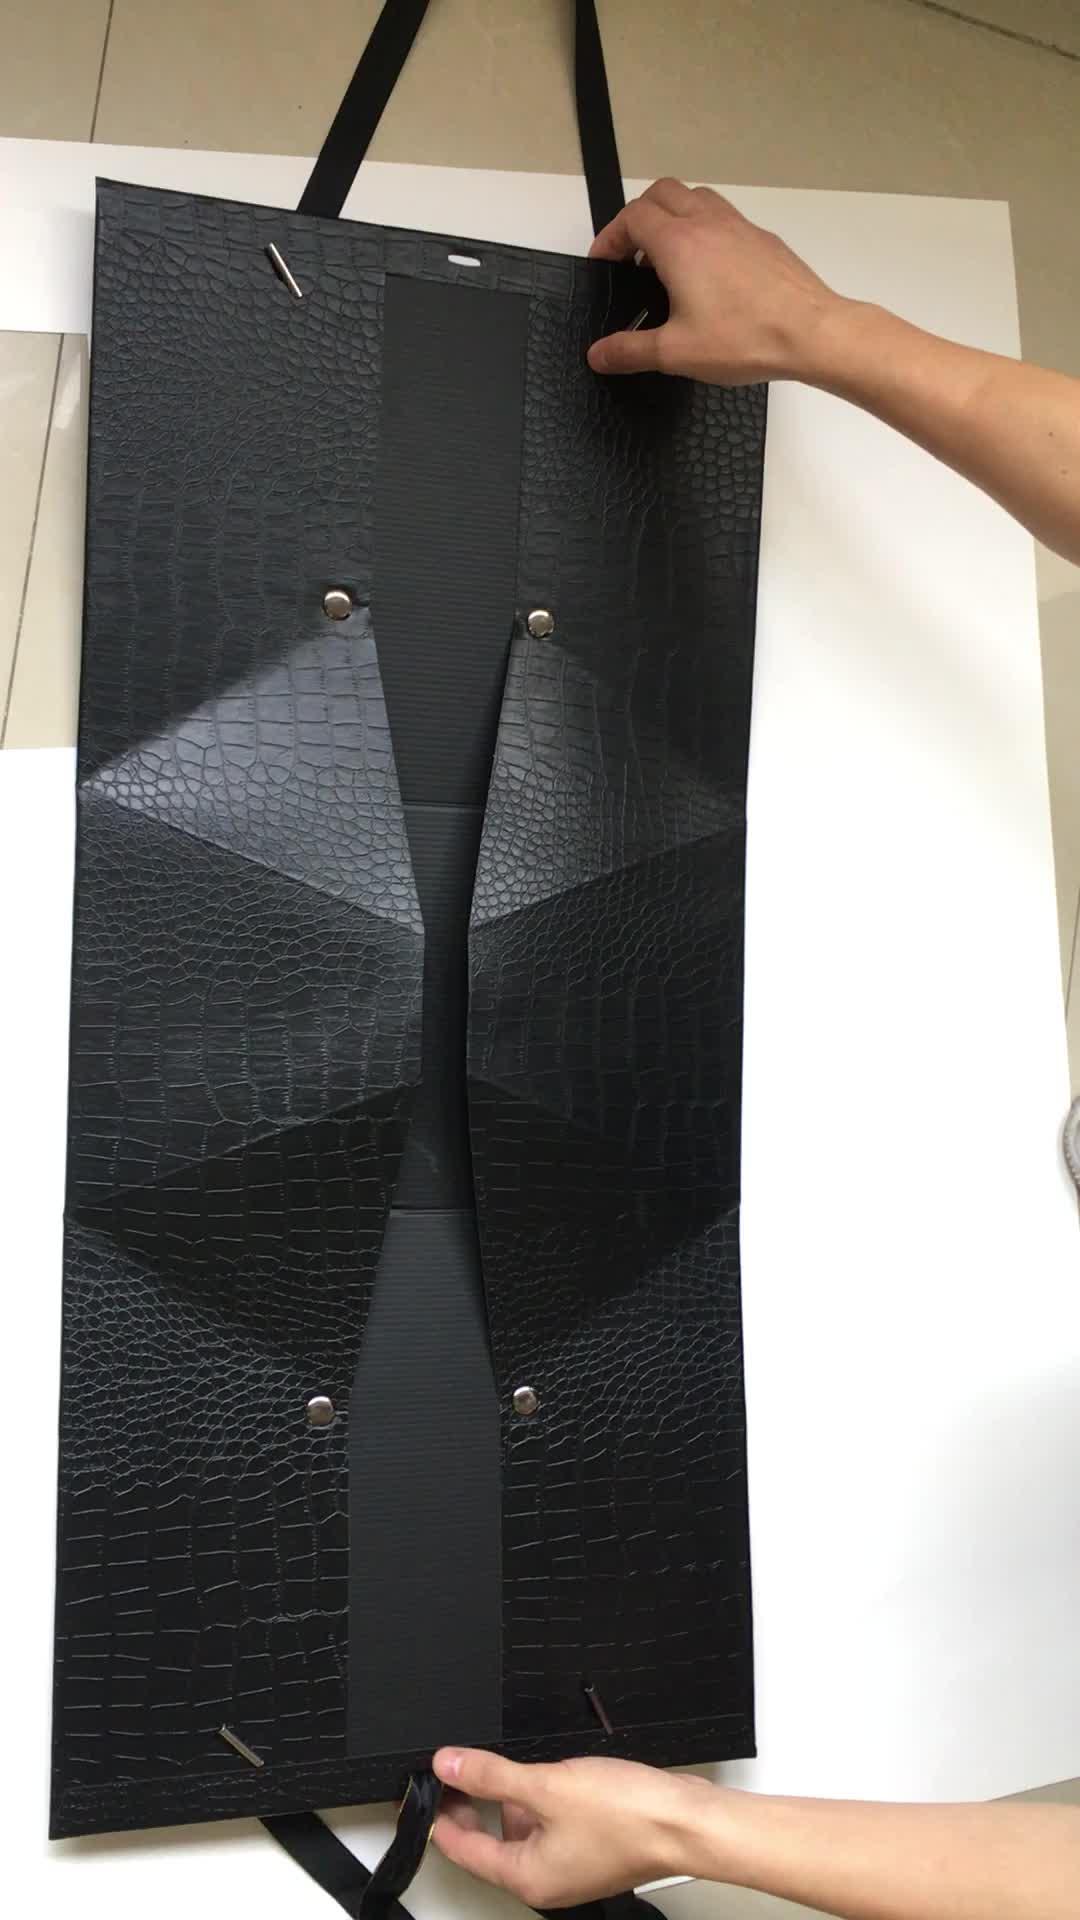 Kartonnen Insert Fles Verpakking Bar Gift Tumbler Custom Gunst Stopper Blanco Papier Luxe Verpakking Magnetische Deksel Wijn Doos